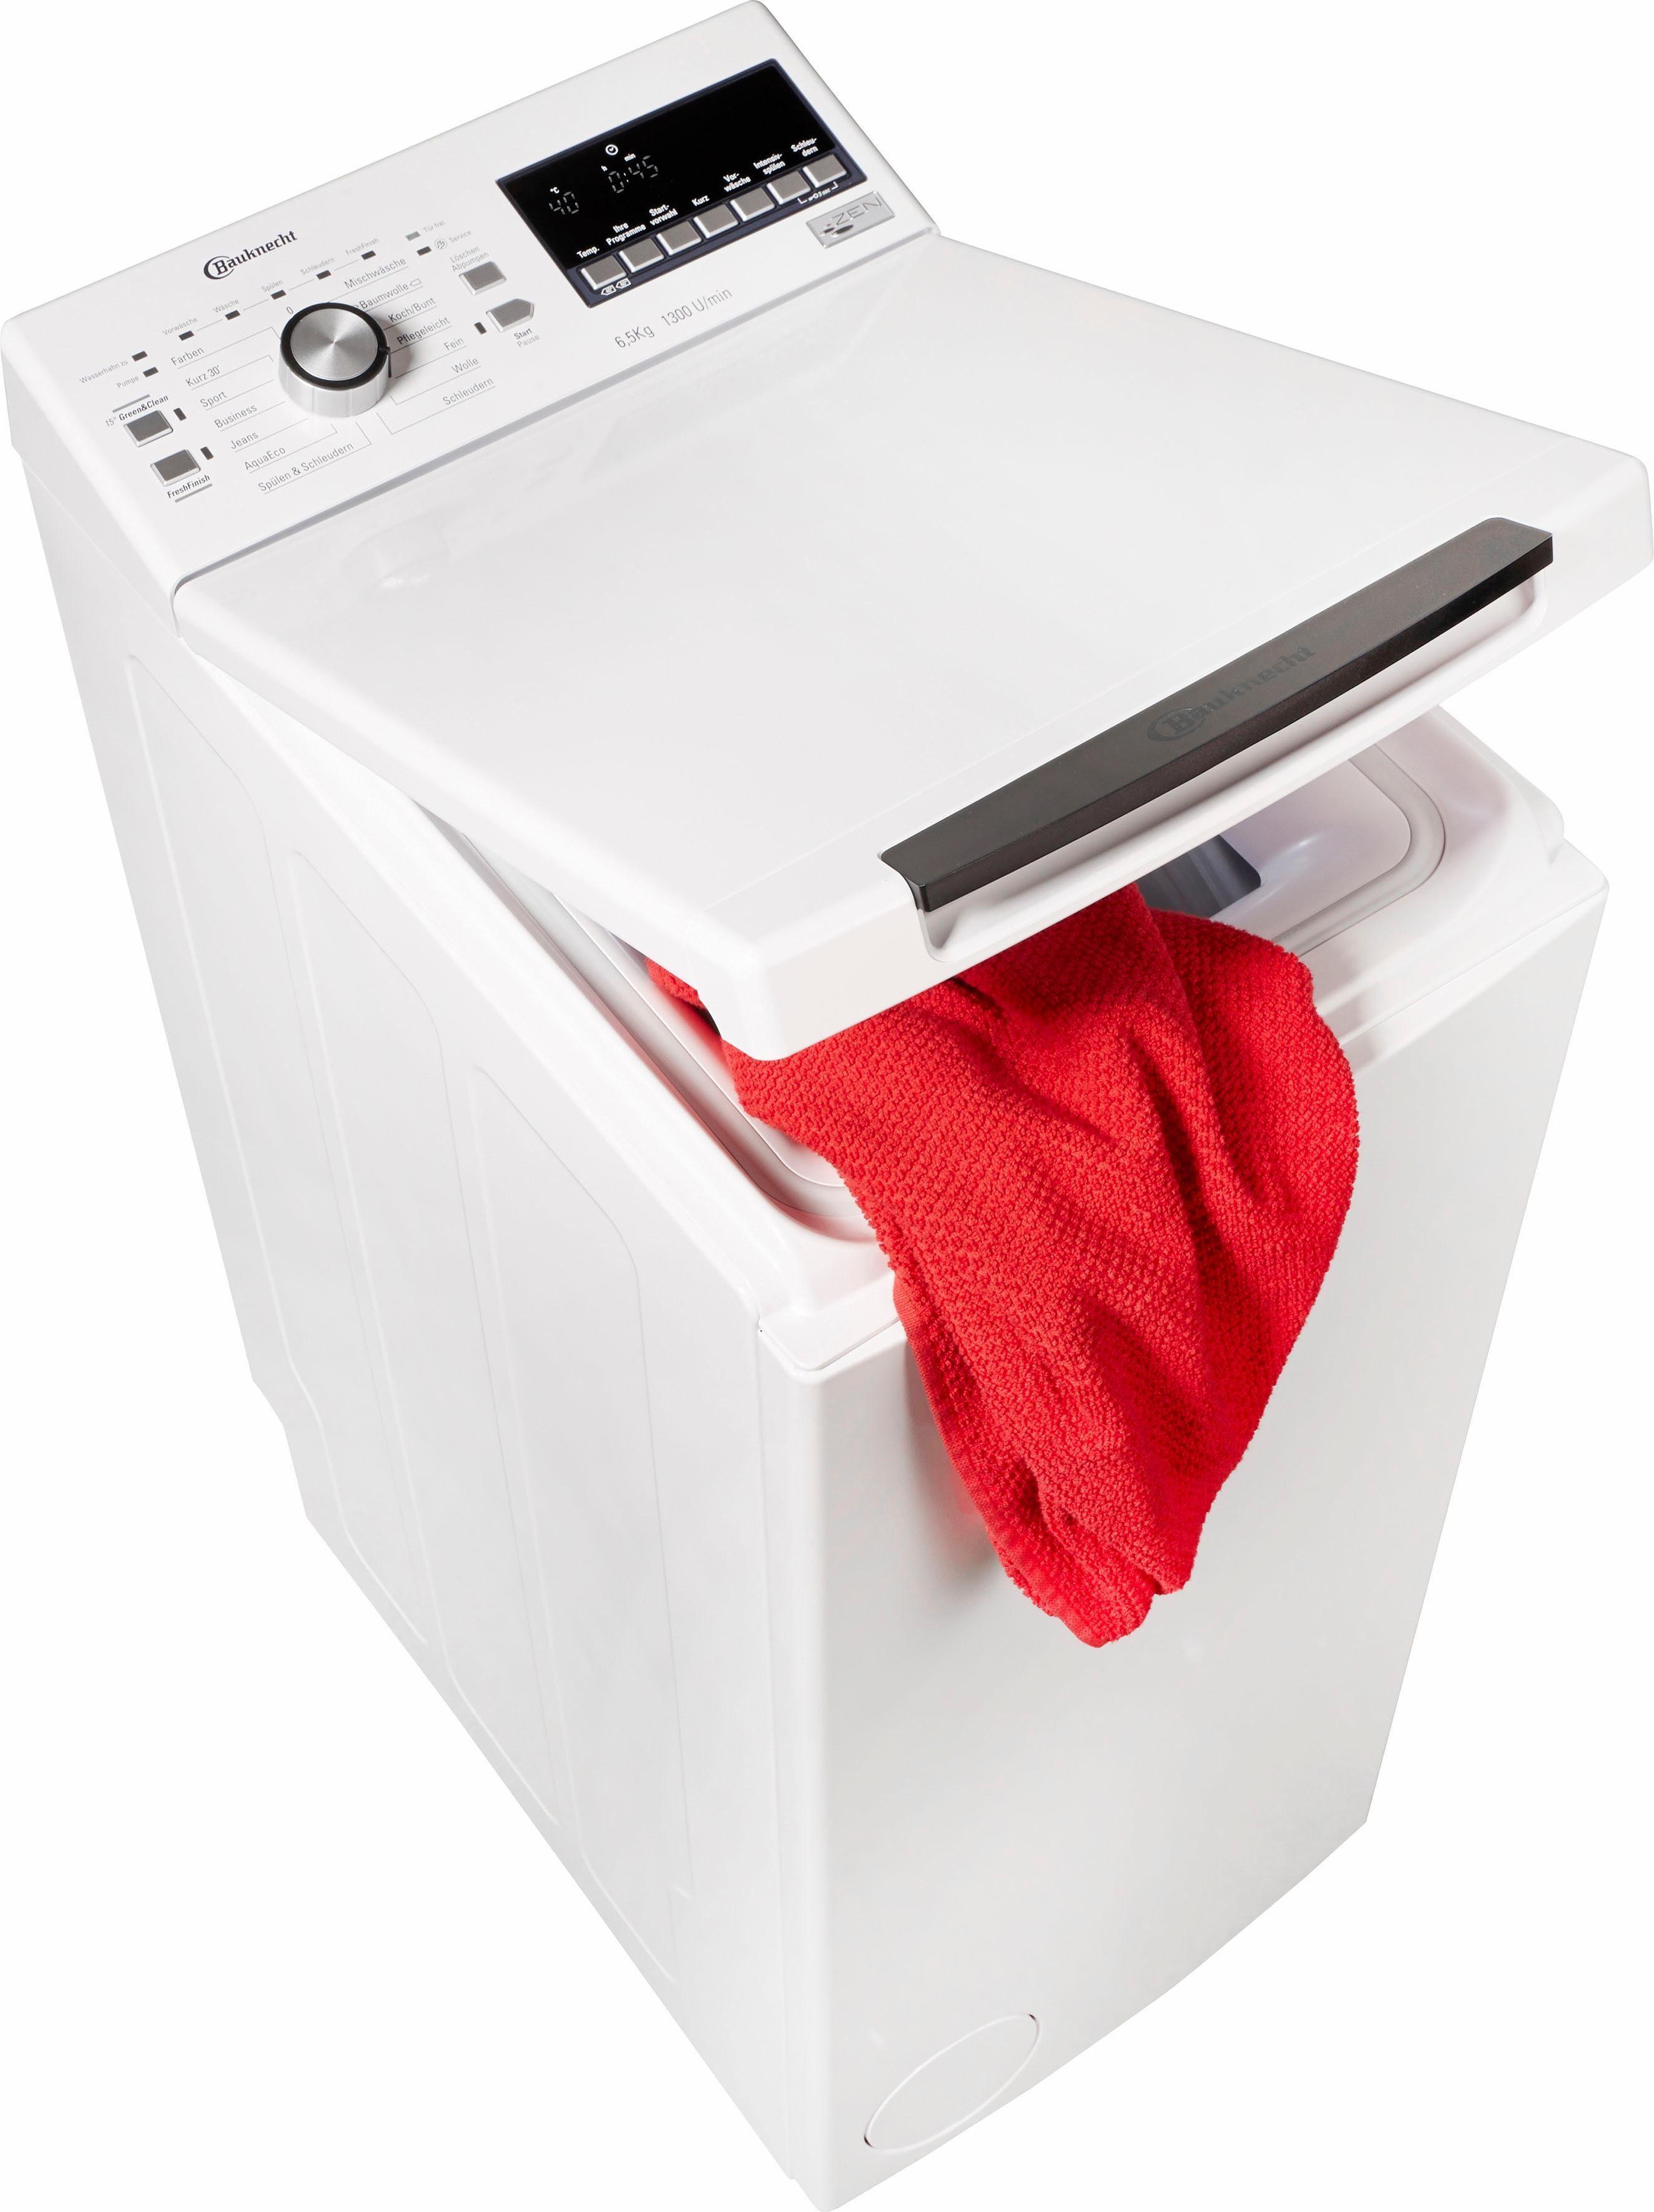 BAUKNECHT Waschmaschine Toplader WAT 6513 DD, 6,5 kg, 1300 U/Min